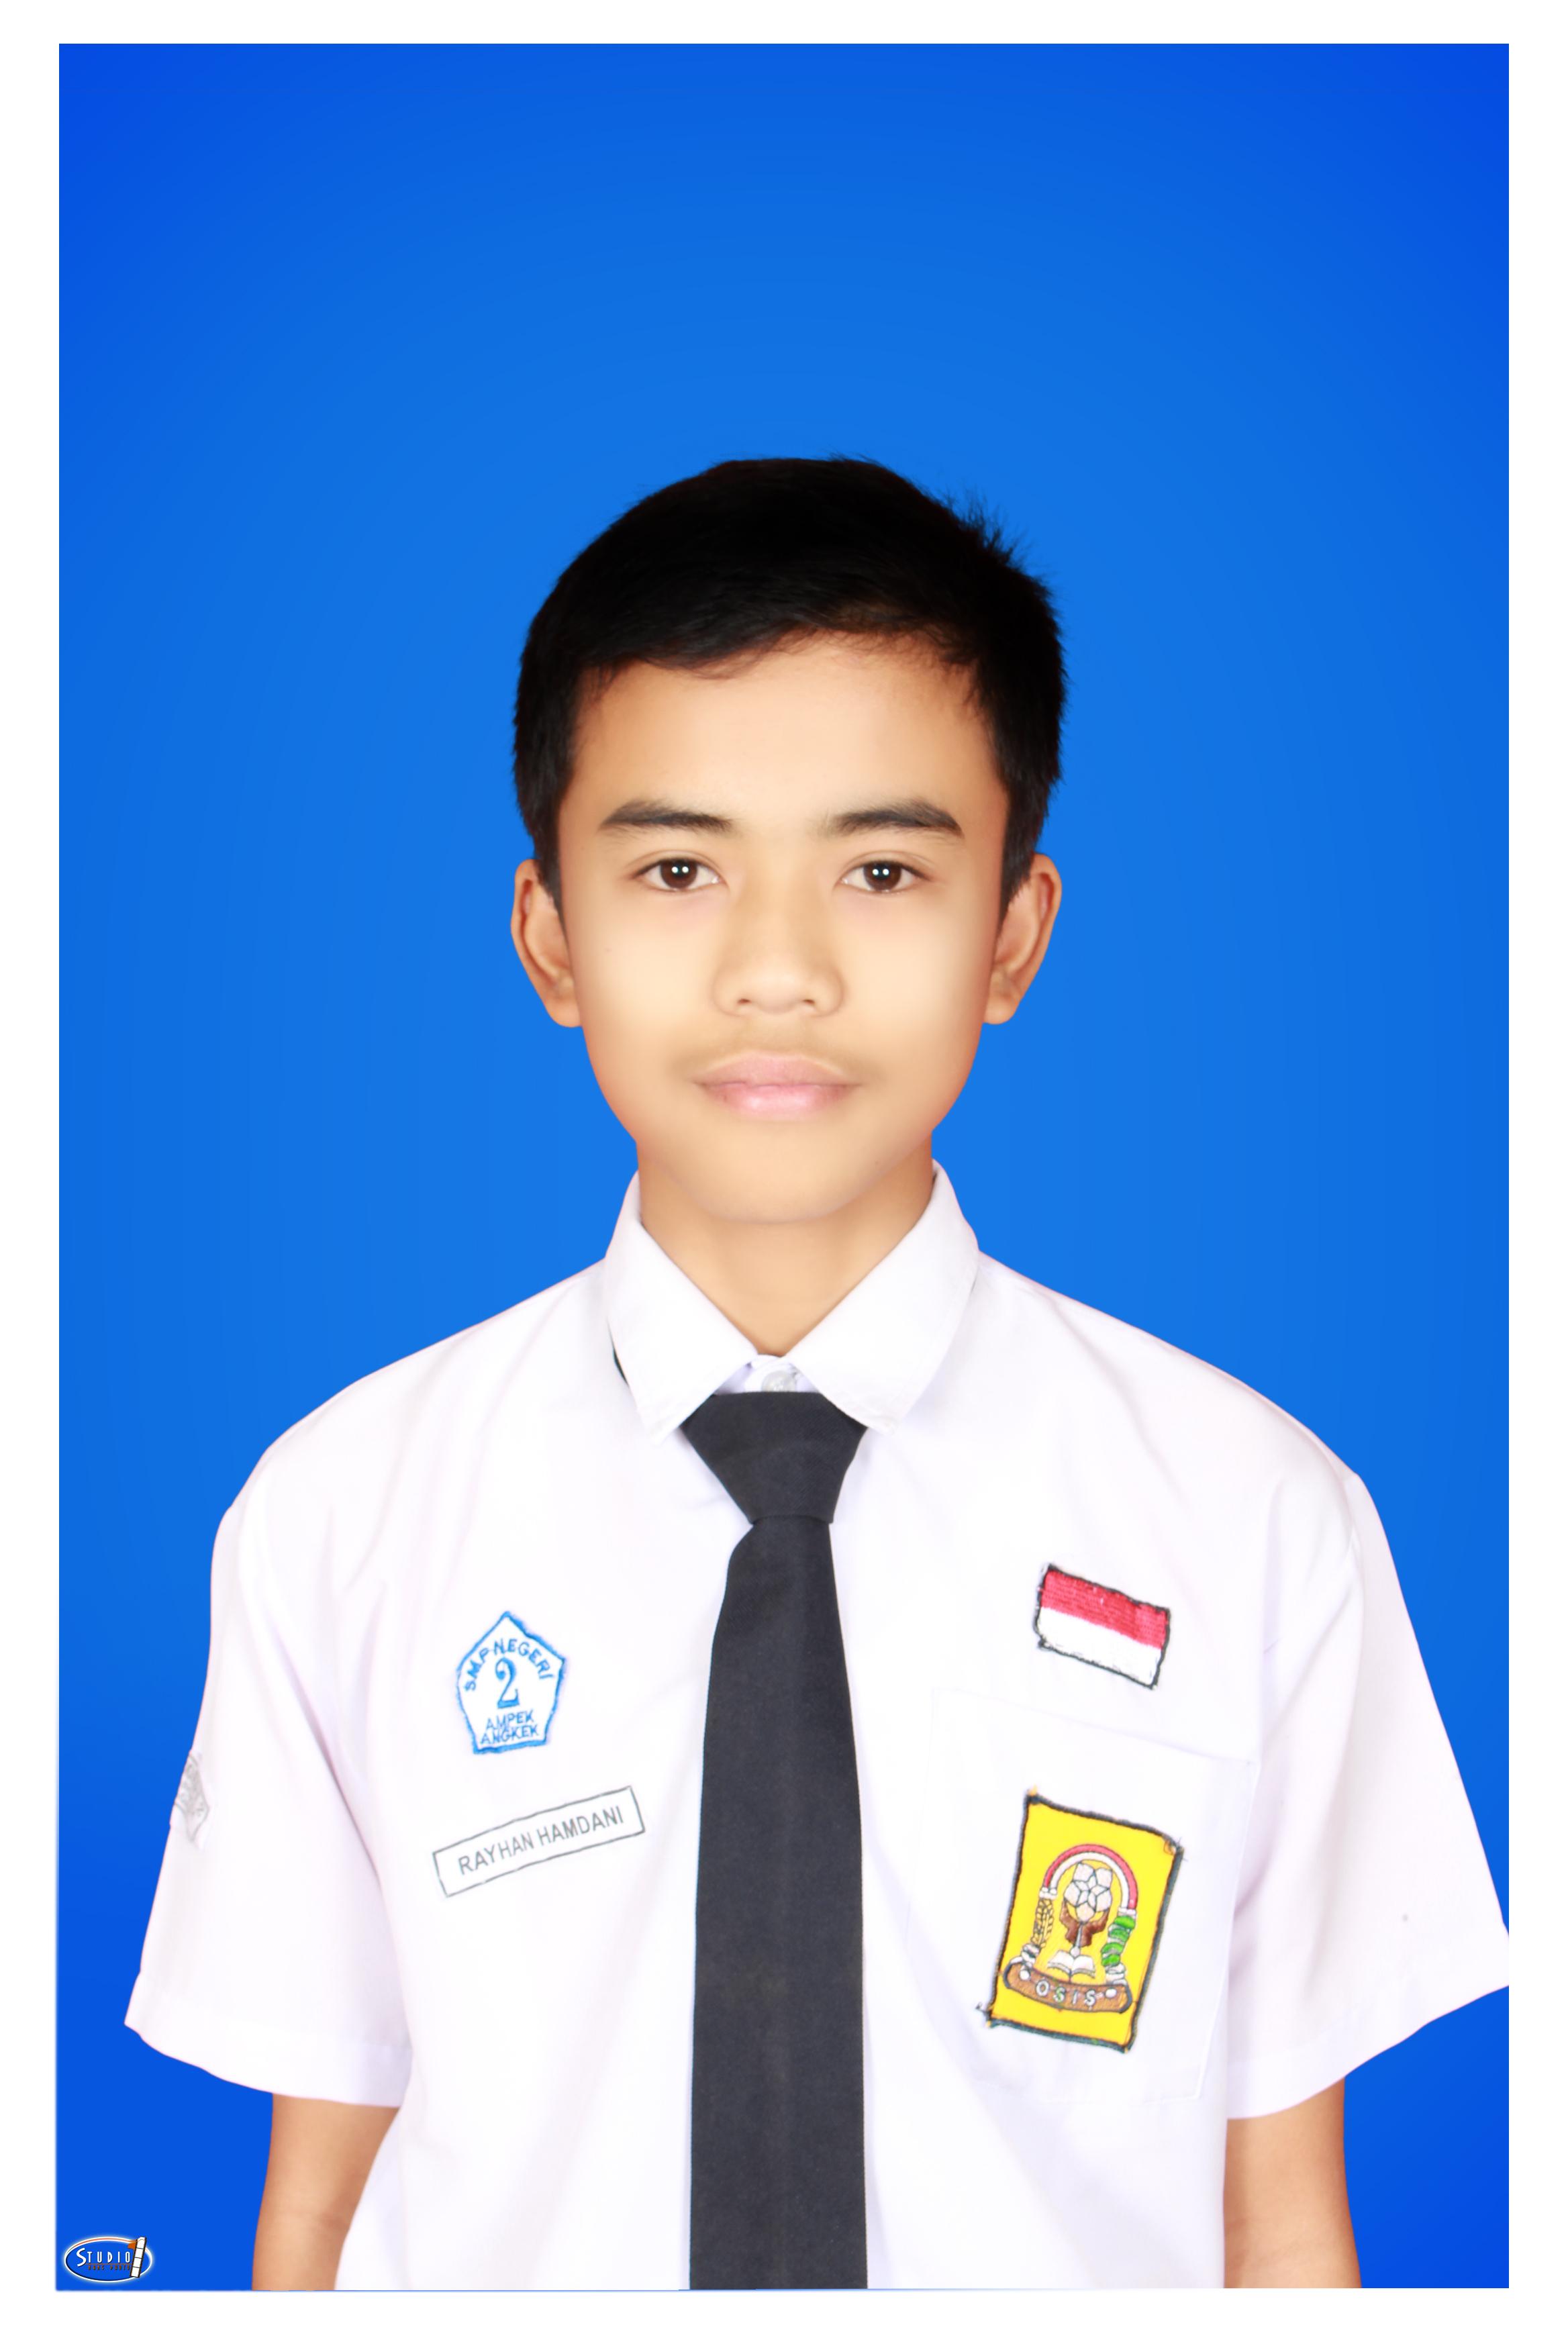 Siswa SMAN 1 Ampek Angkek mewakili Sumatera Barat ke tingkat Nasional Kompetensi Sains Nasional bidang studi Geografi Jenjang SMA Tahun 2020